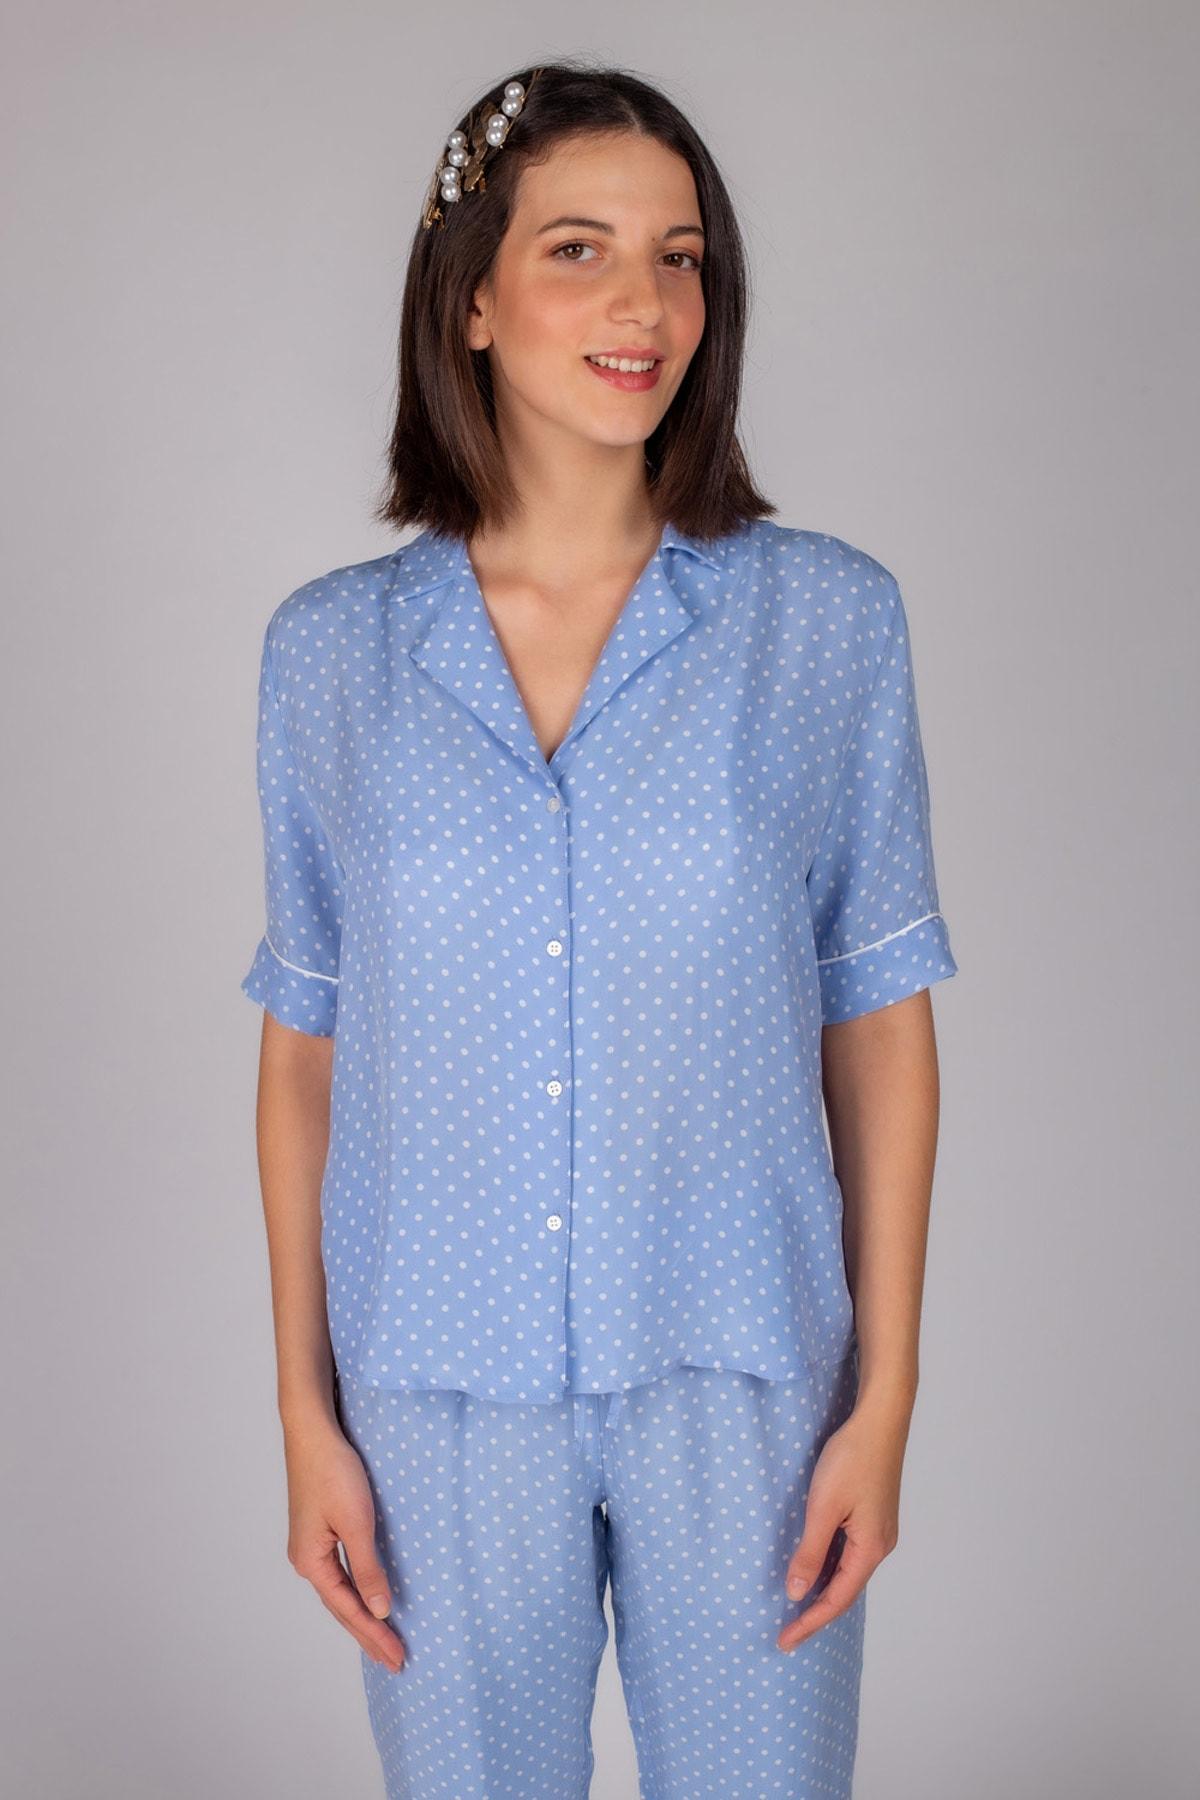 Hays Kadın Mavi Puan Baskılı Gömlek 1